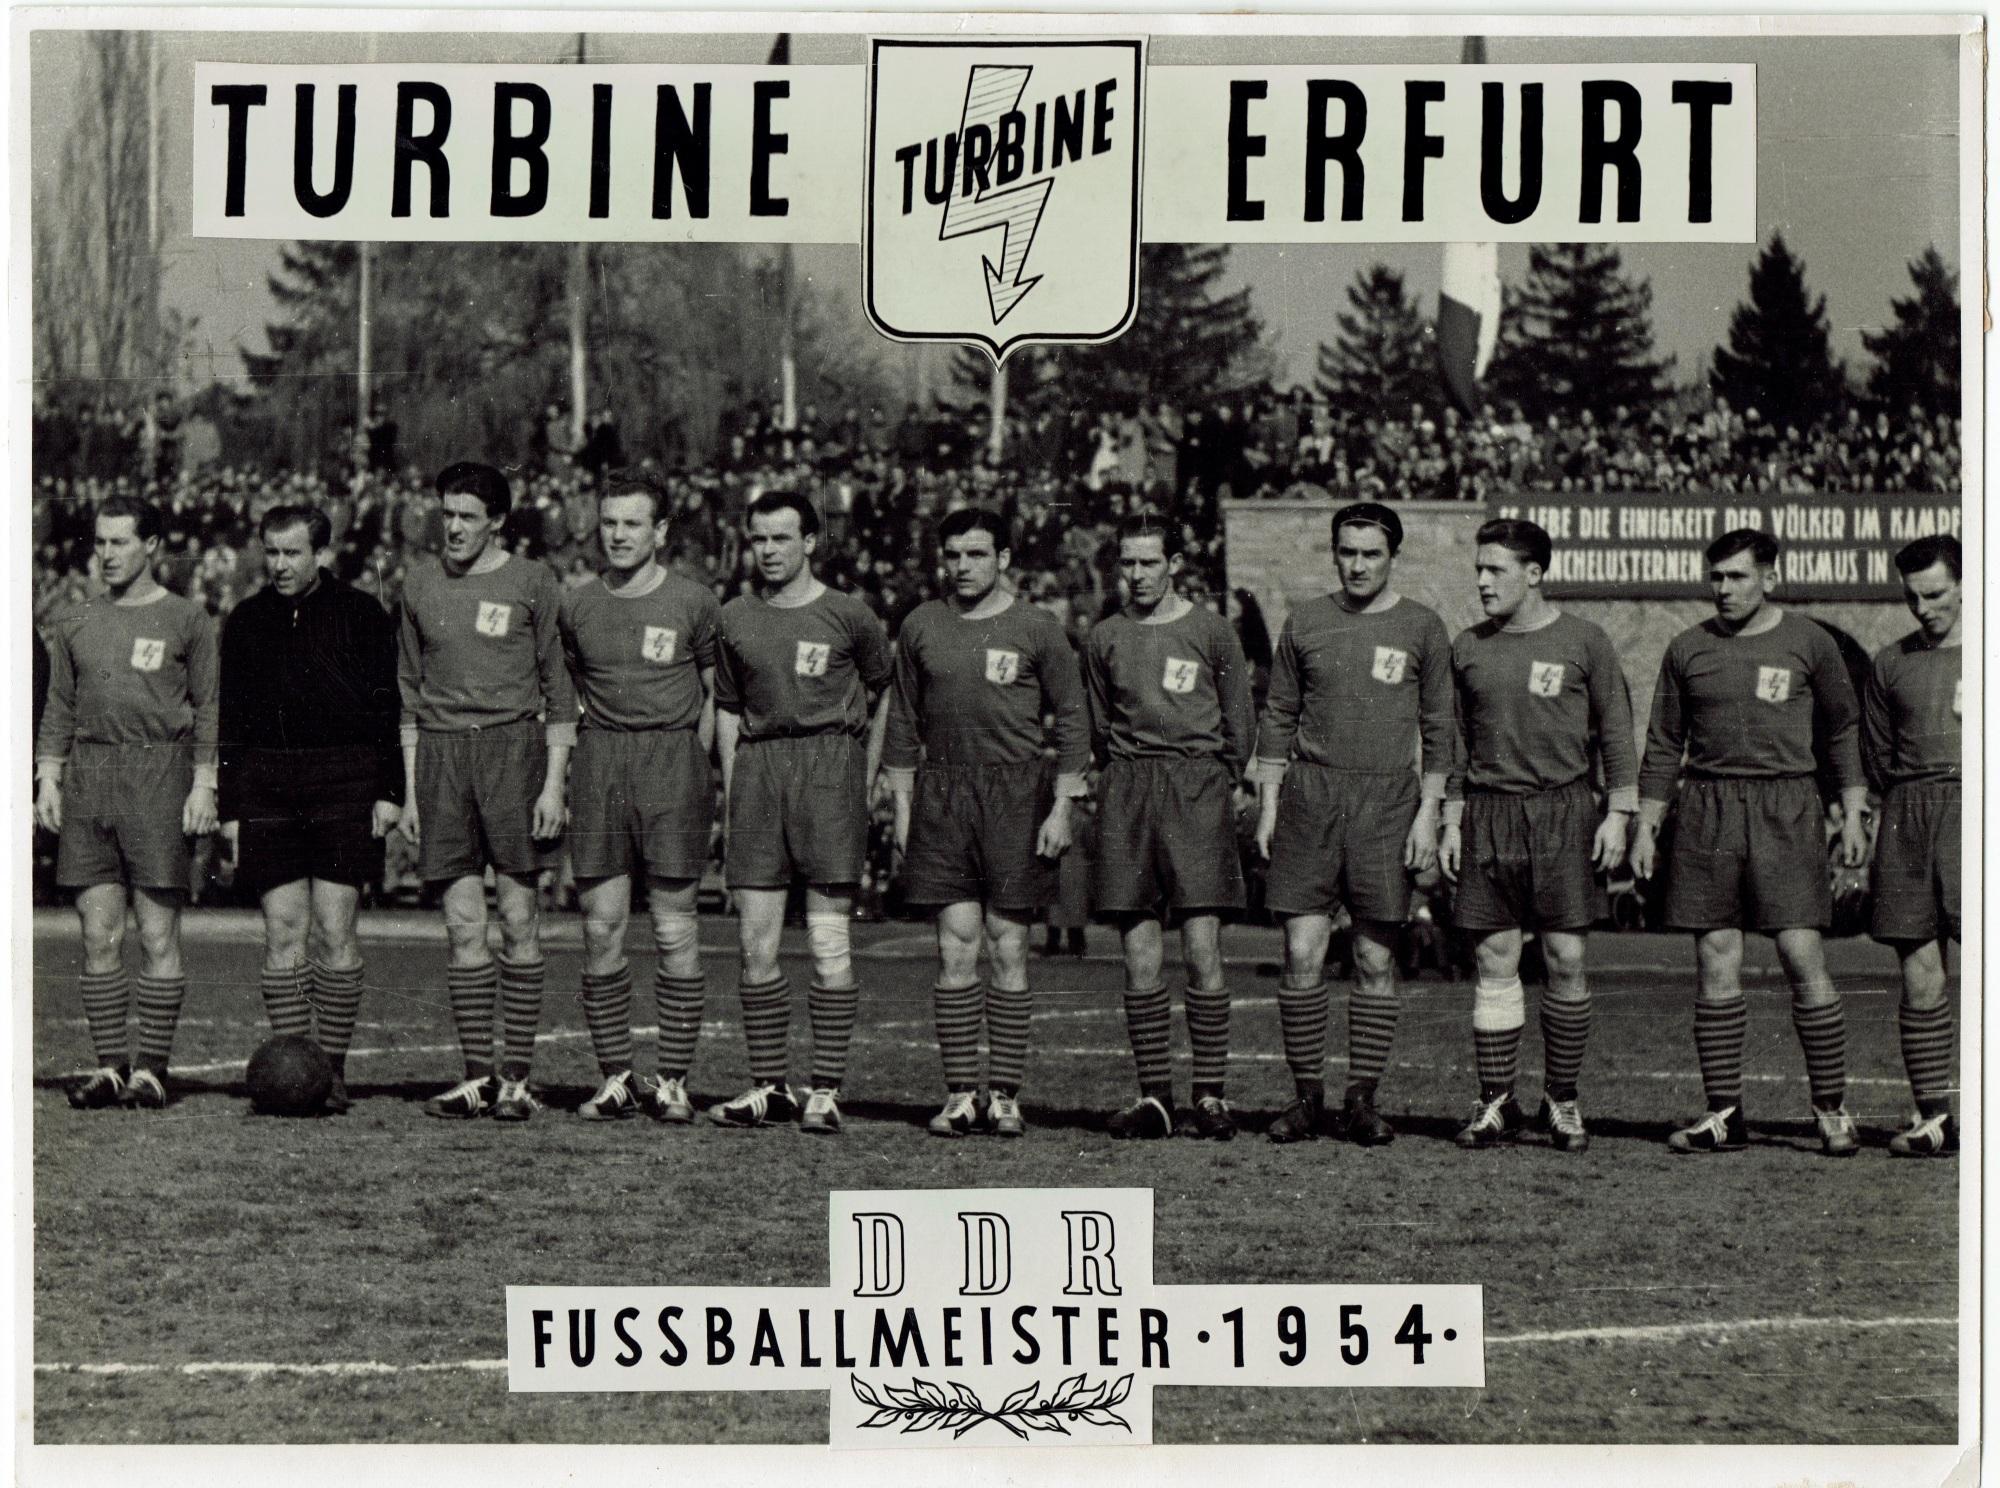 Turbine-Erfurt---Fussballmeister-der-DDR-1954---Archiv-Olaf-Schwertner.jpg